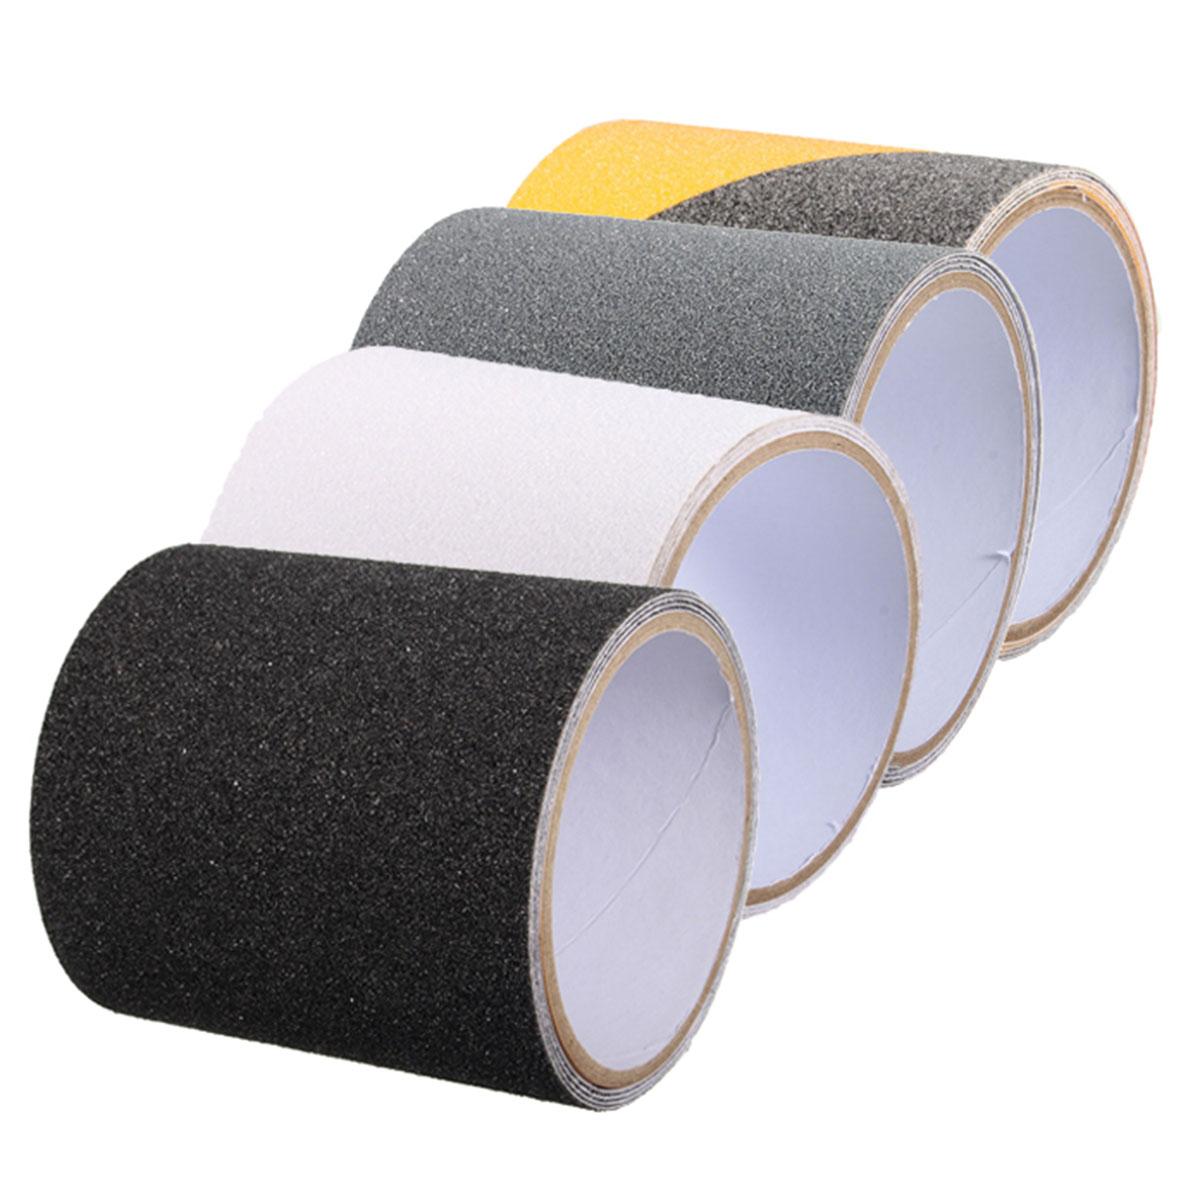 Roll Safety Non Skid Tape Anti Slip Tape Sticker Grip Safe ...